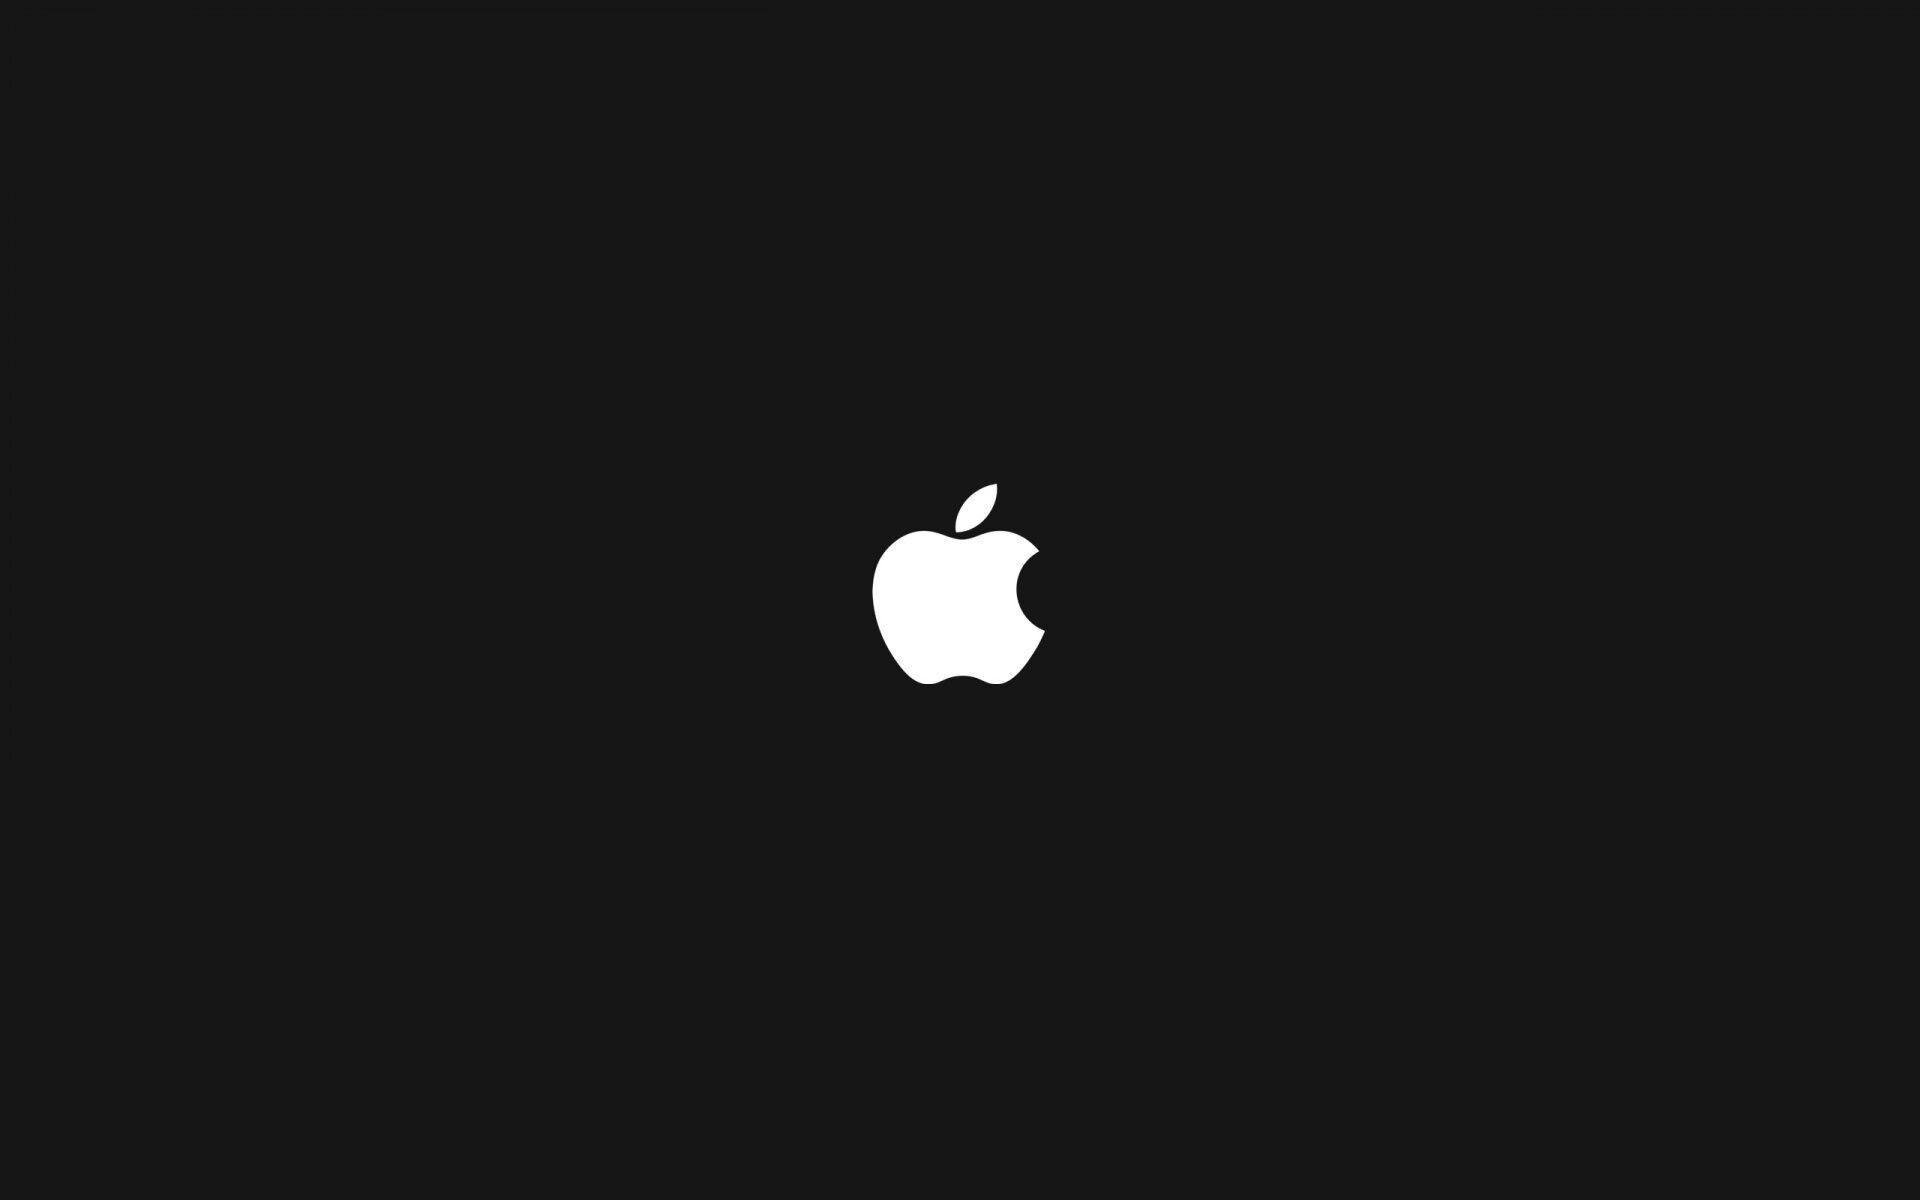 生产力的发展--iPad Pro 2018